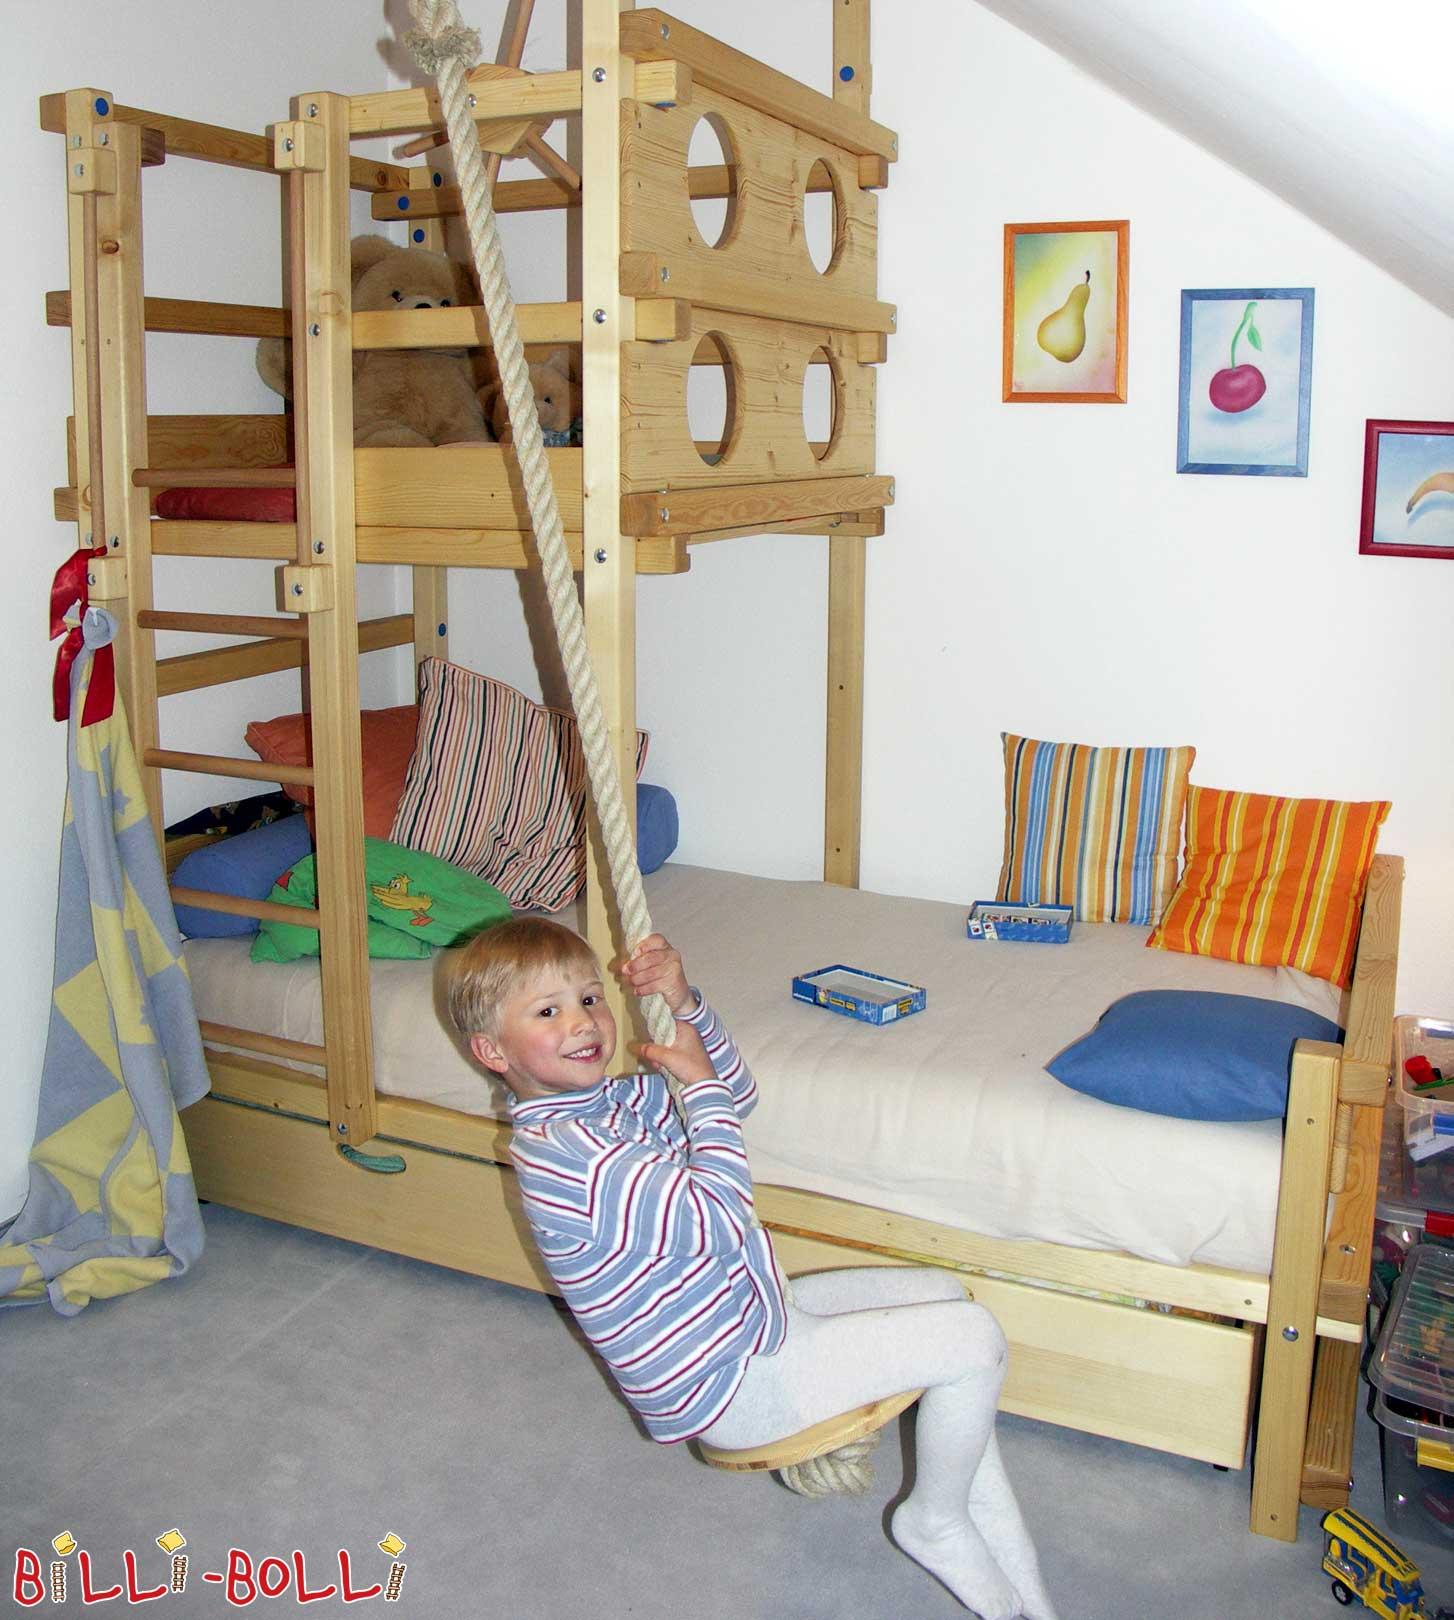 zum dranh ngen billi bolli kinderm bel. Black Bedroom Furniture Sets. Home Design Ideas